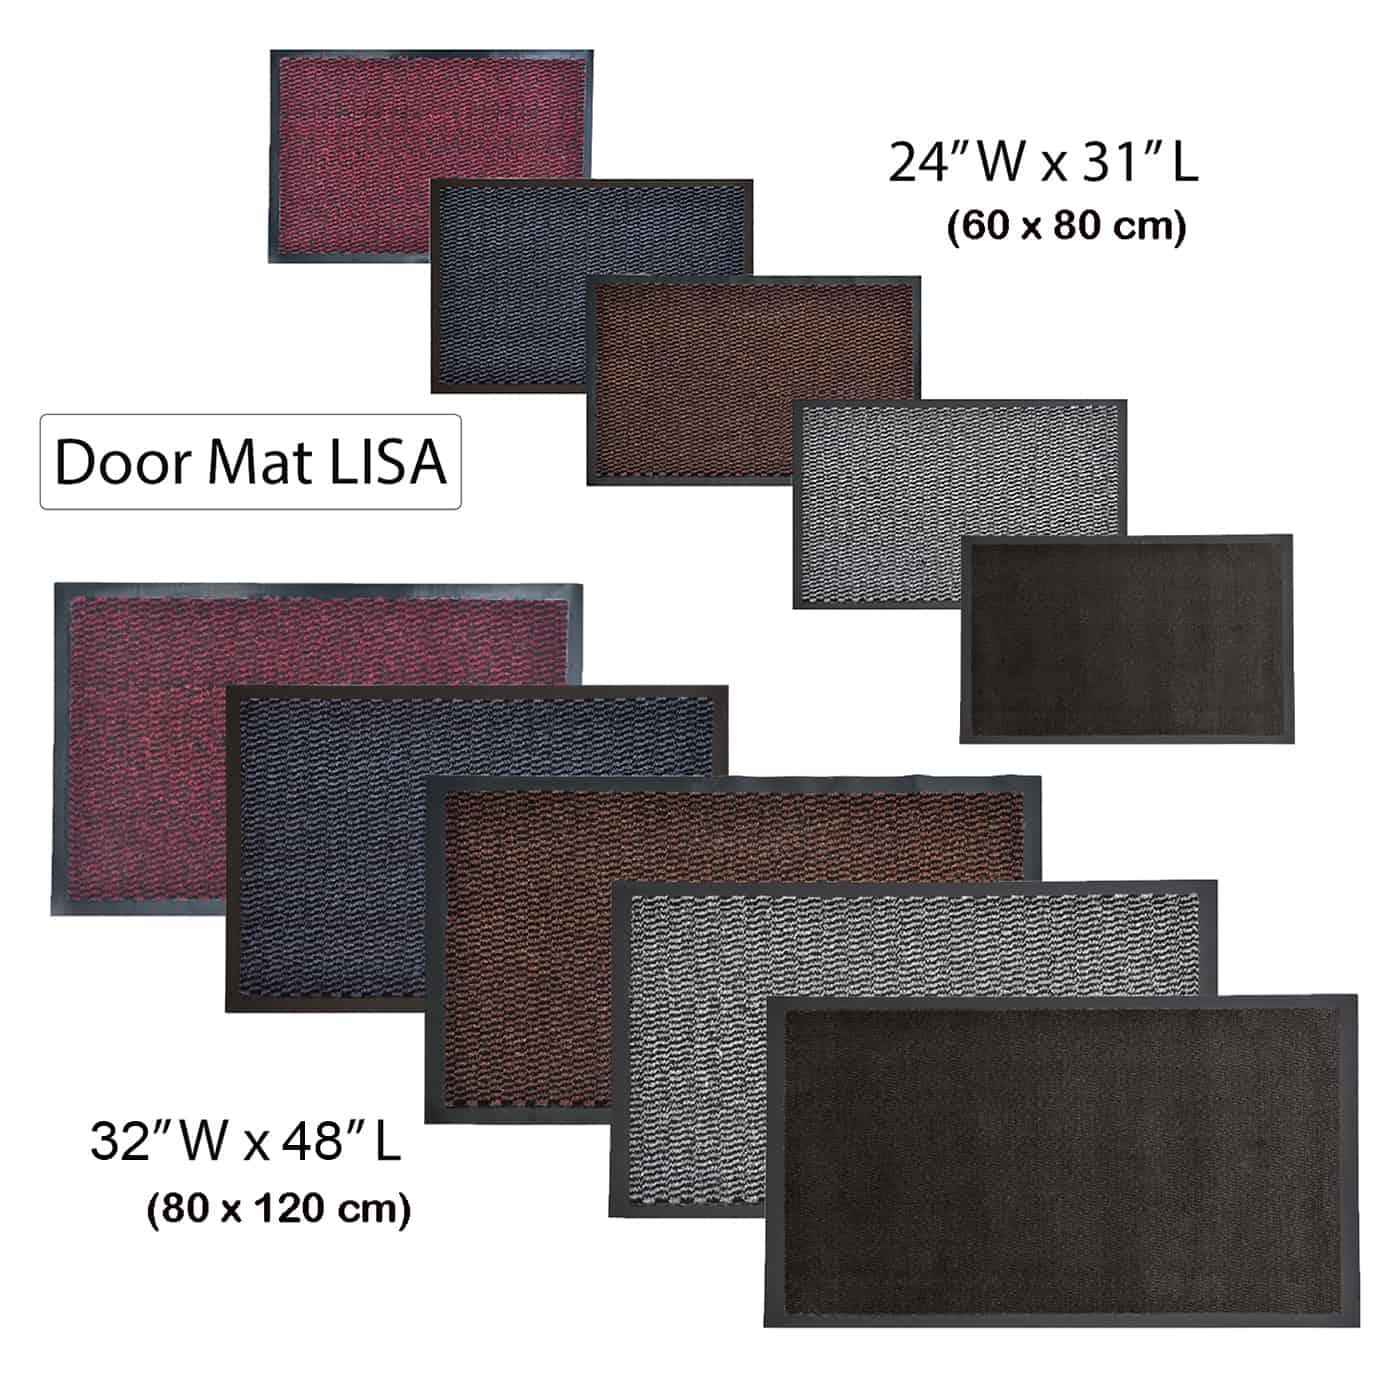 Indoor Large Door Mat Lisa 48 L x 32 W Inch PP-PVC - Grey